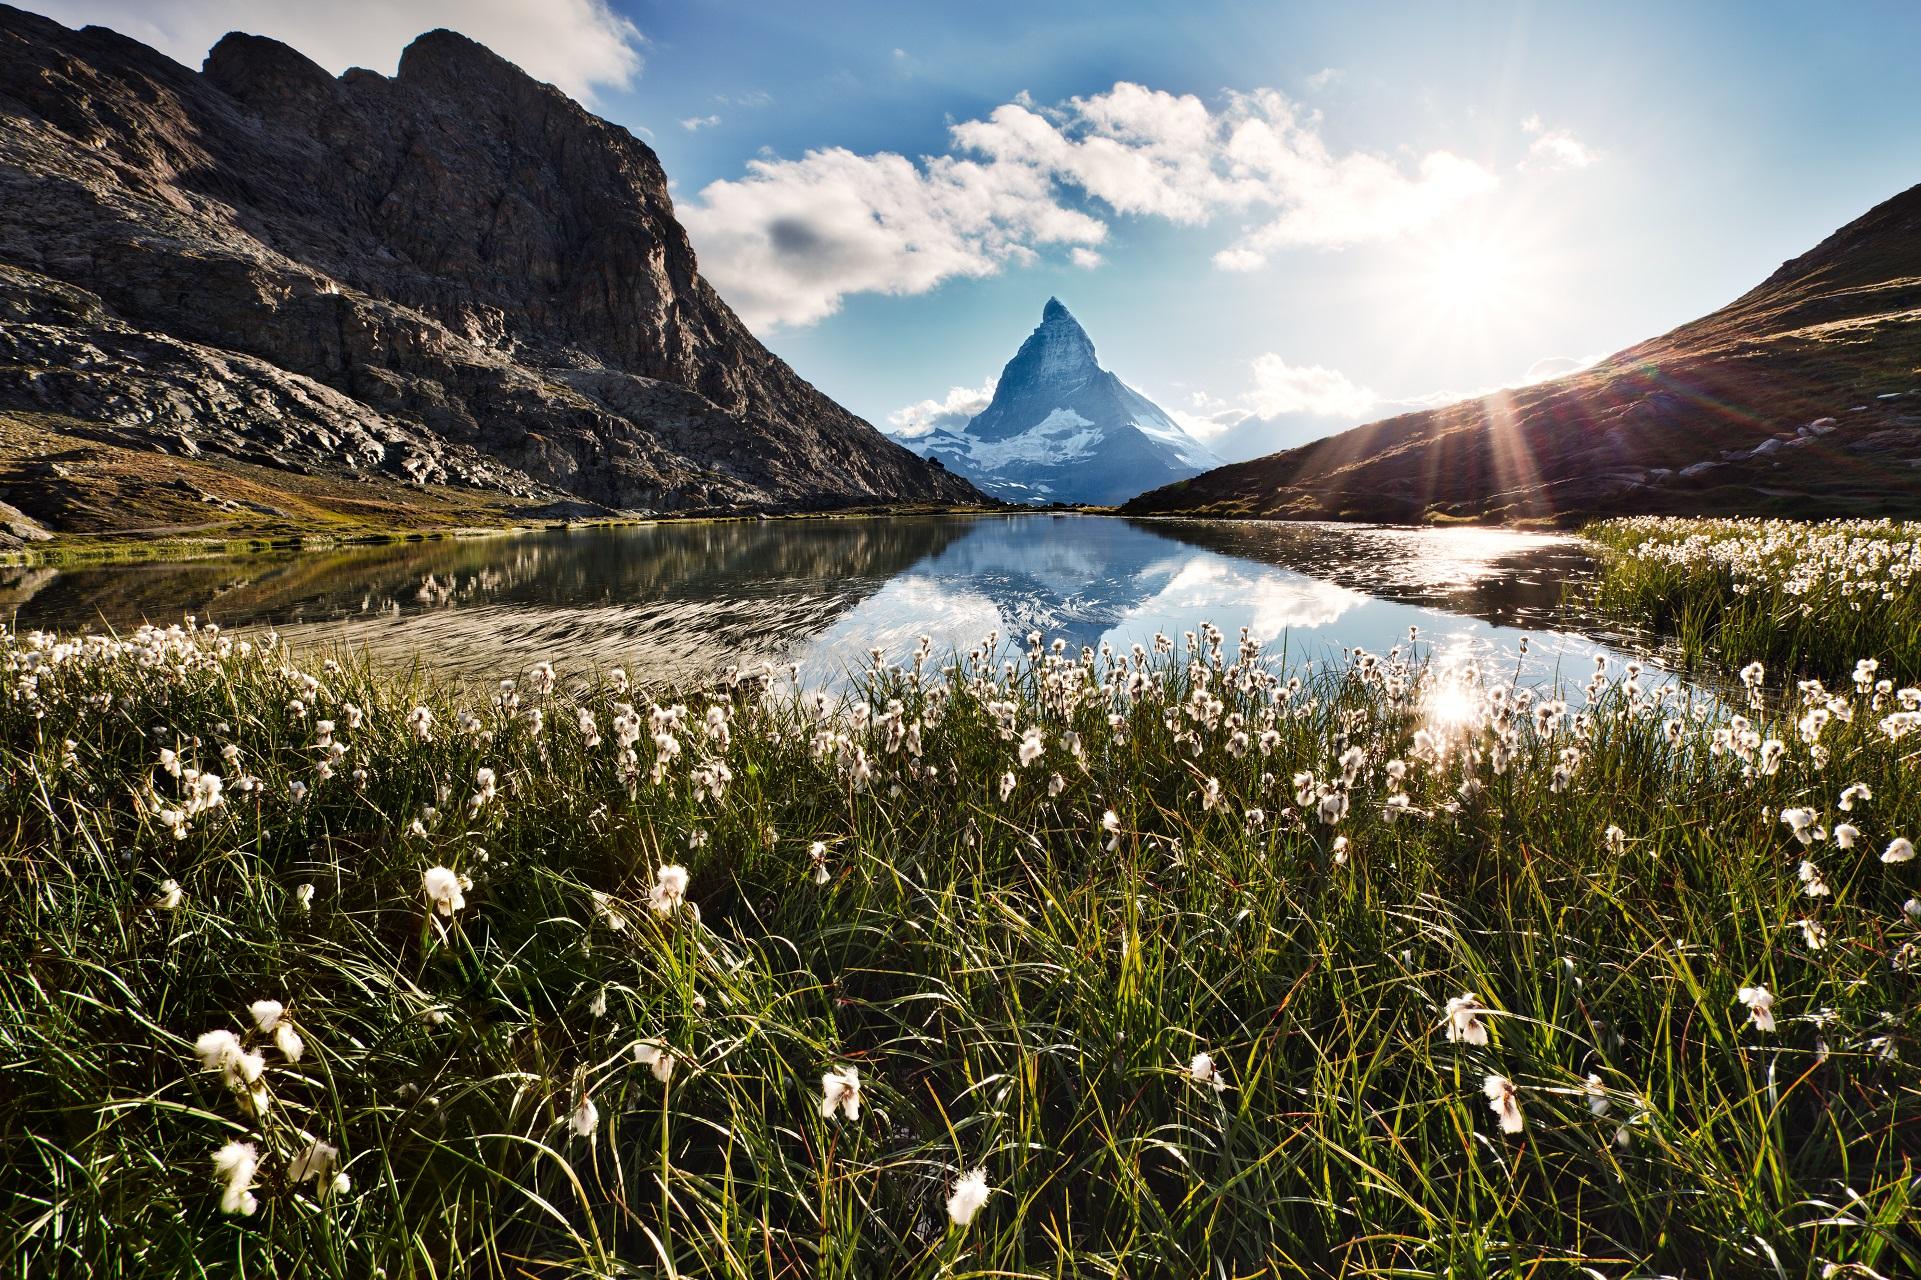 Die schönsten Bergseen der Alpen, Riffelsee am Matterhorn